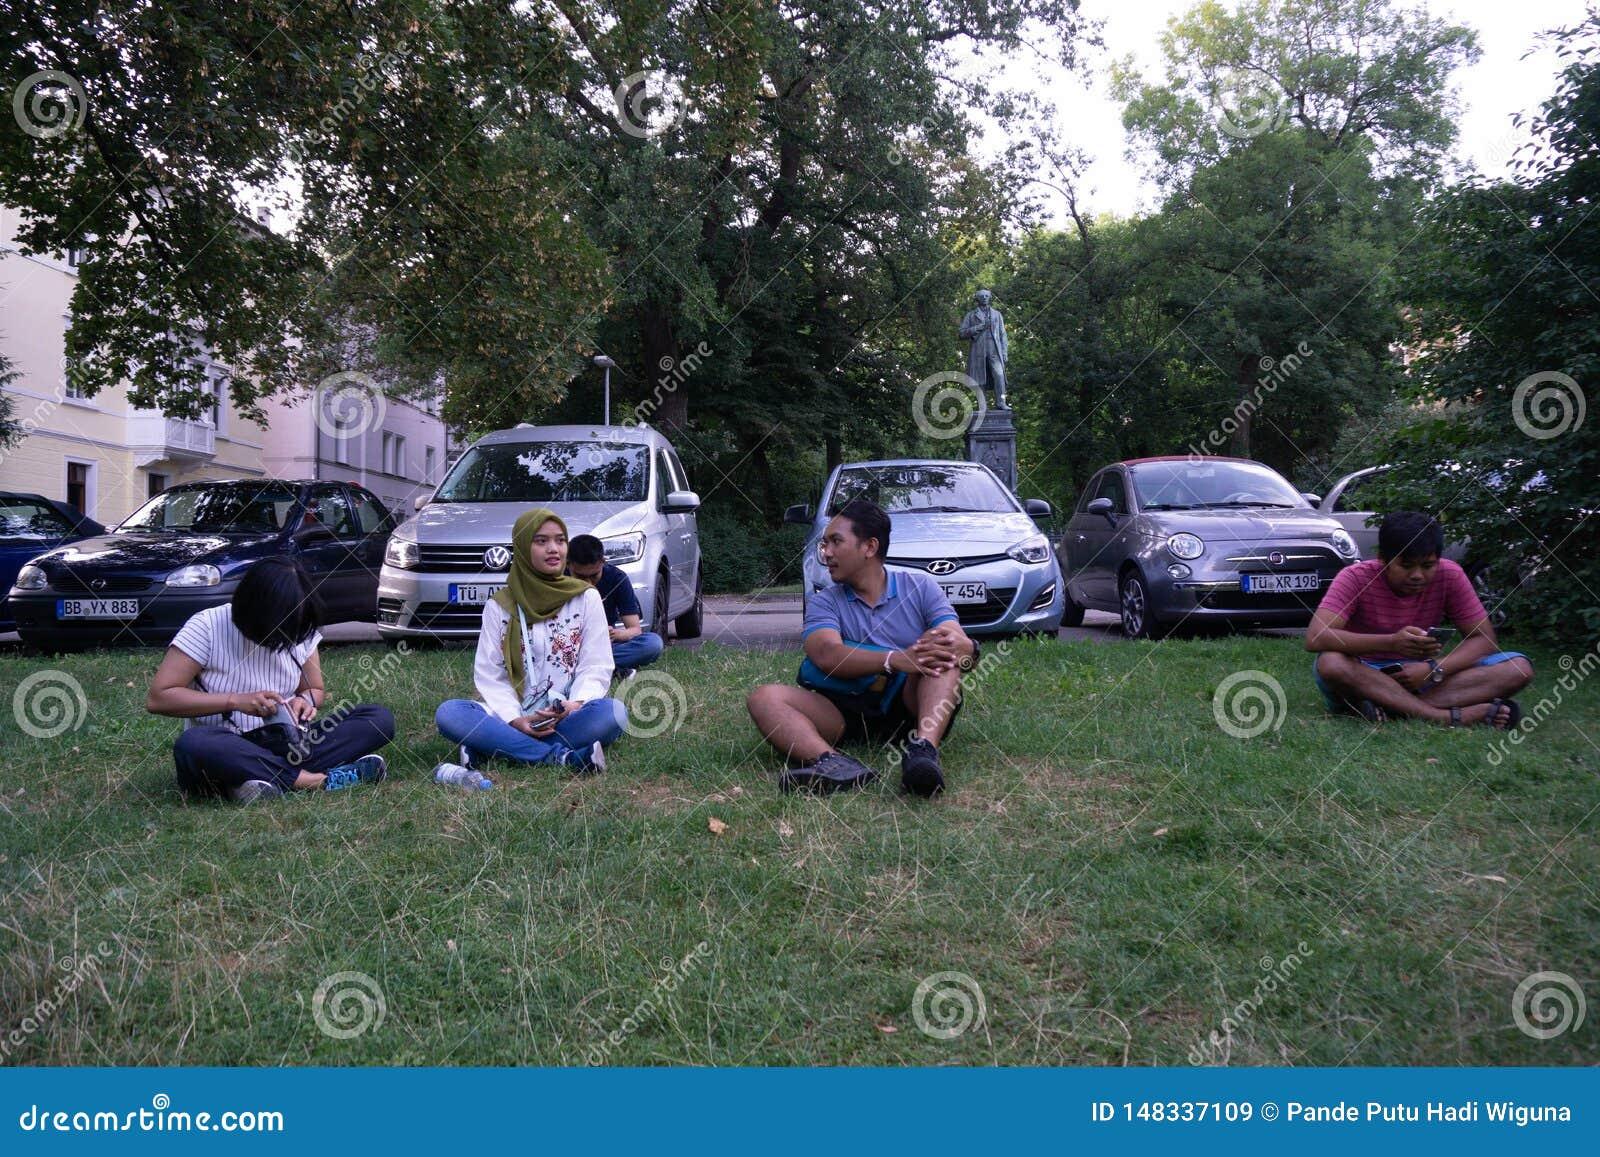 TUBINGEN/GERMANY-, 31. JULI 2018: Einige asiatische Touristen sa?en auf dem Rasen, nahe dem Parkplatz und miteinander sprachen